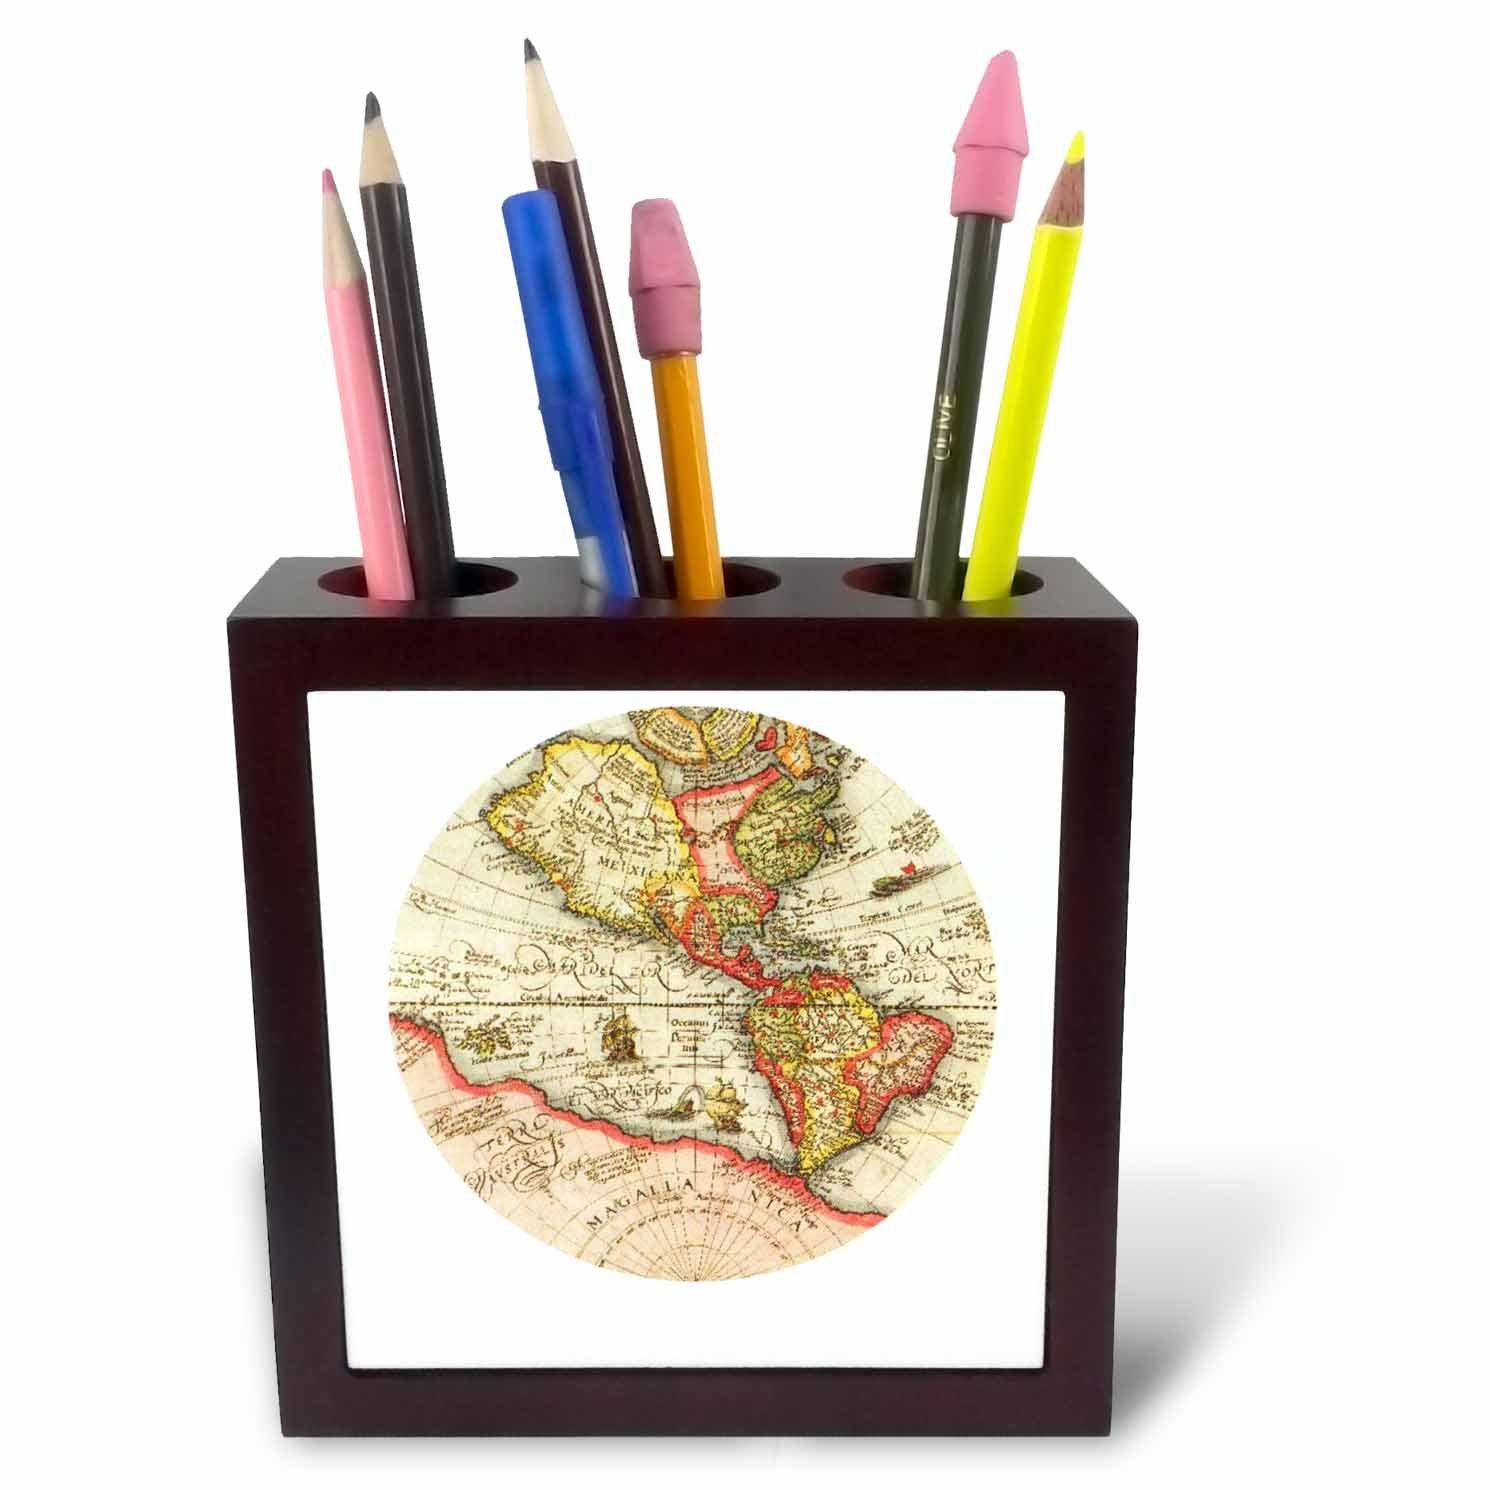 3dRosa PH 34893 Kratzbaum 1 Old map-Tile Stifthalter, 12,7 12,7 12,7 cm B006GT4F8W     | Ausreichende Versorgung  a18174